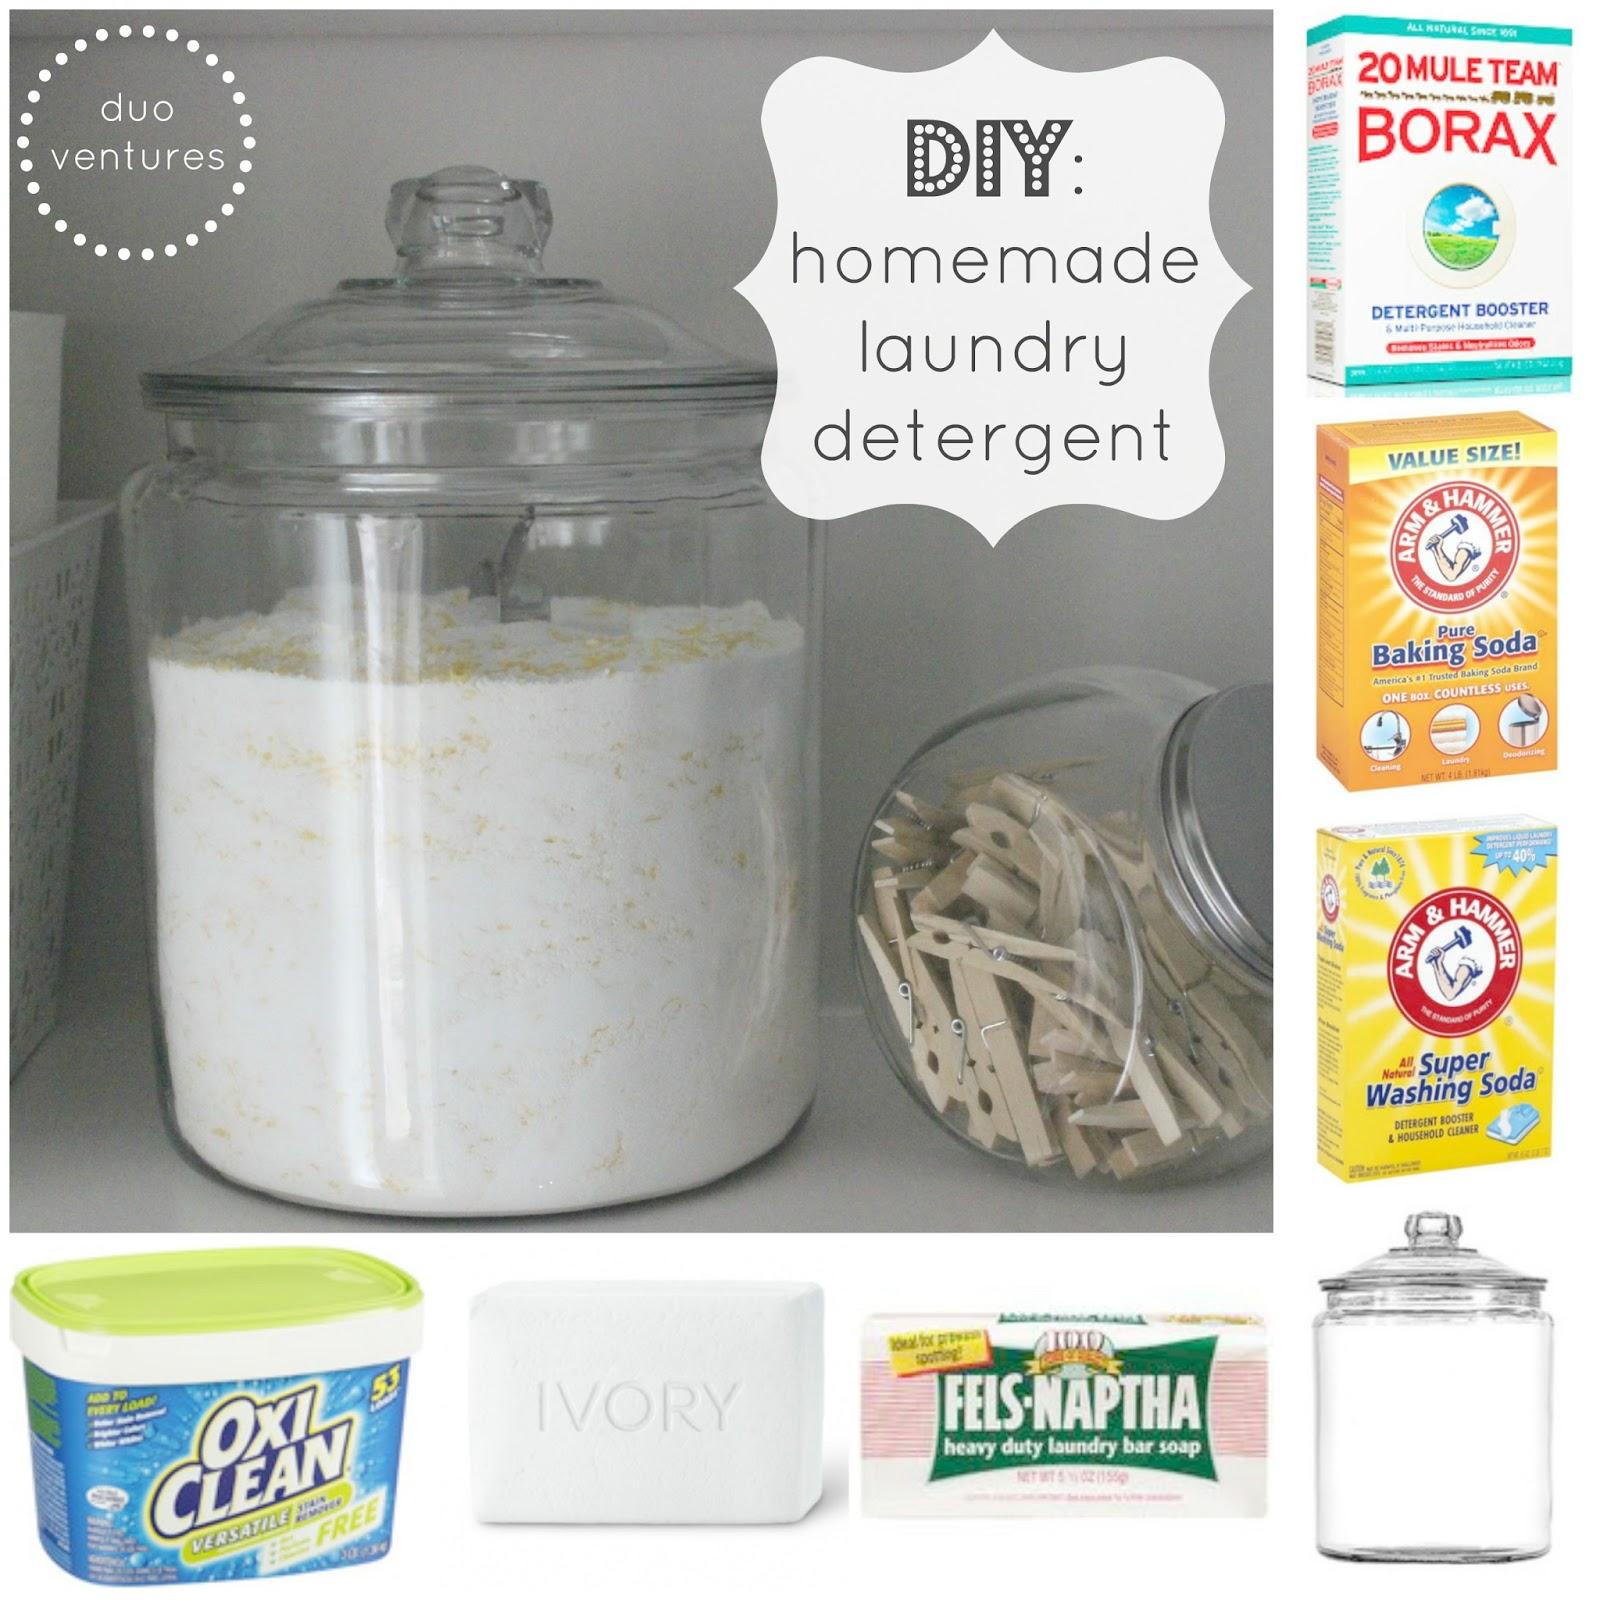 Duo Ventures Diy Homemade Laundry Detergent